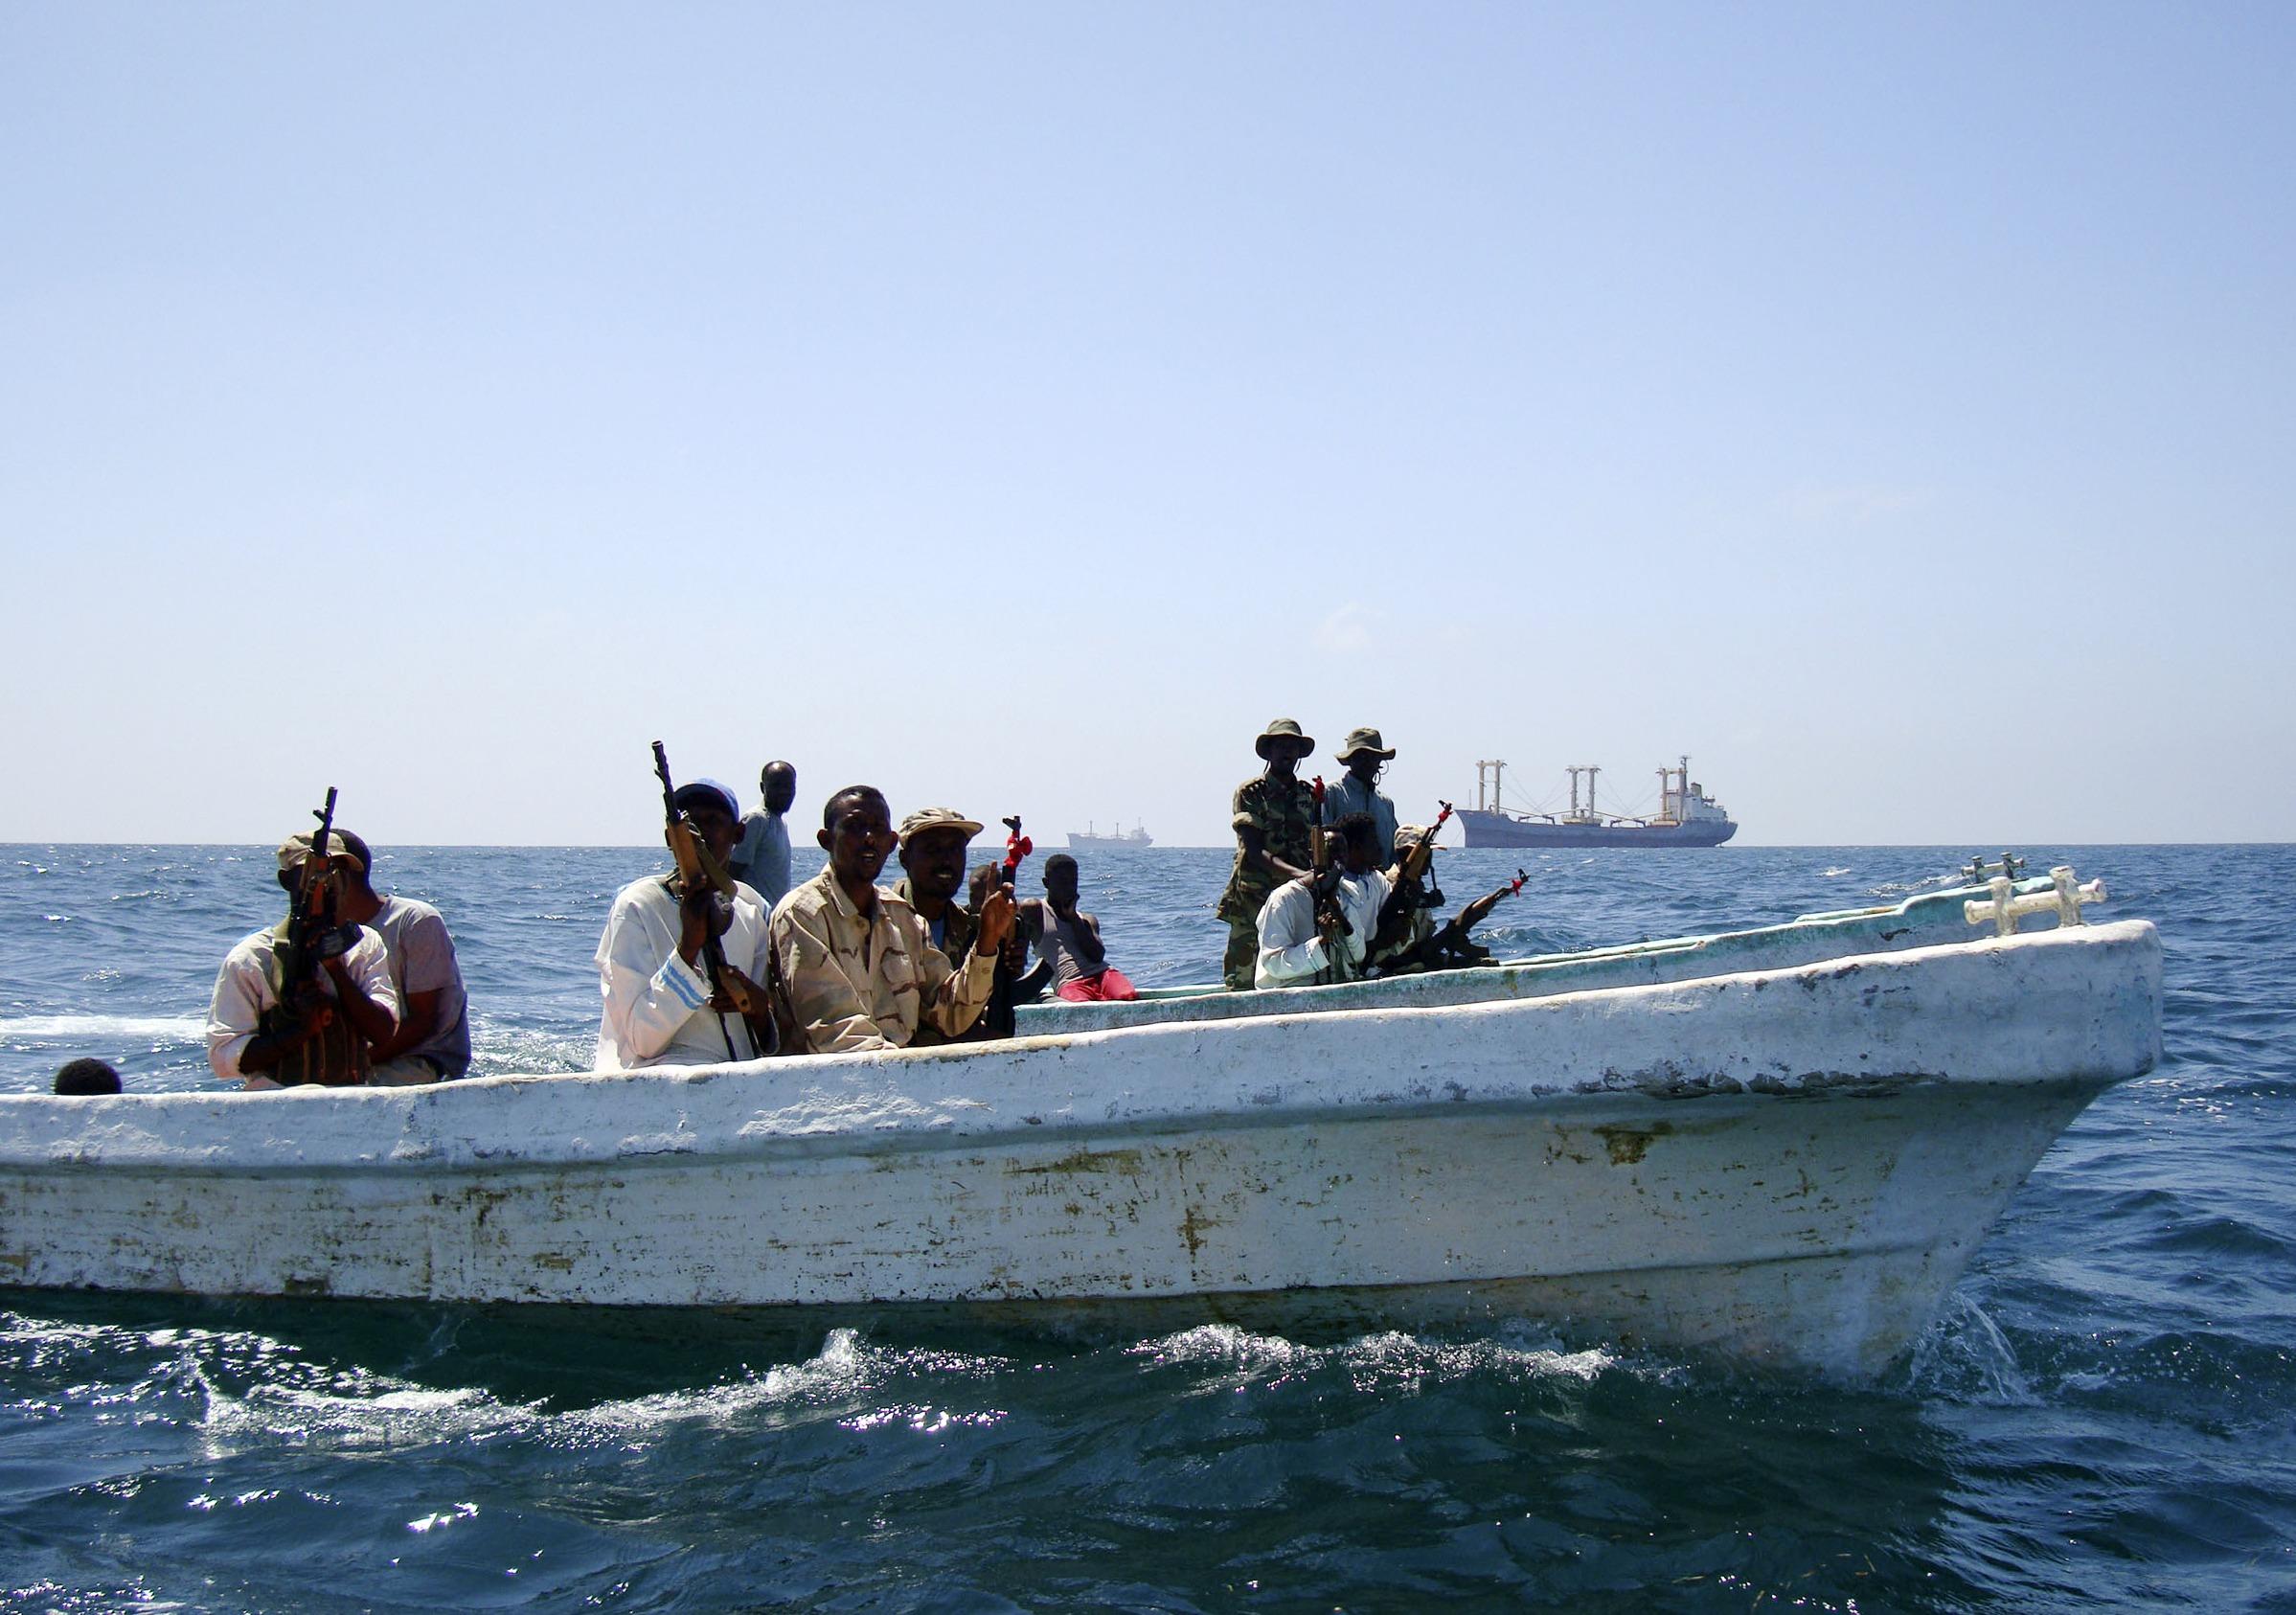 Πειρατεία σε ελληνόκτητο πλοίο στην Αραβική θάλασσα | tovima.gr